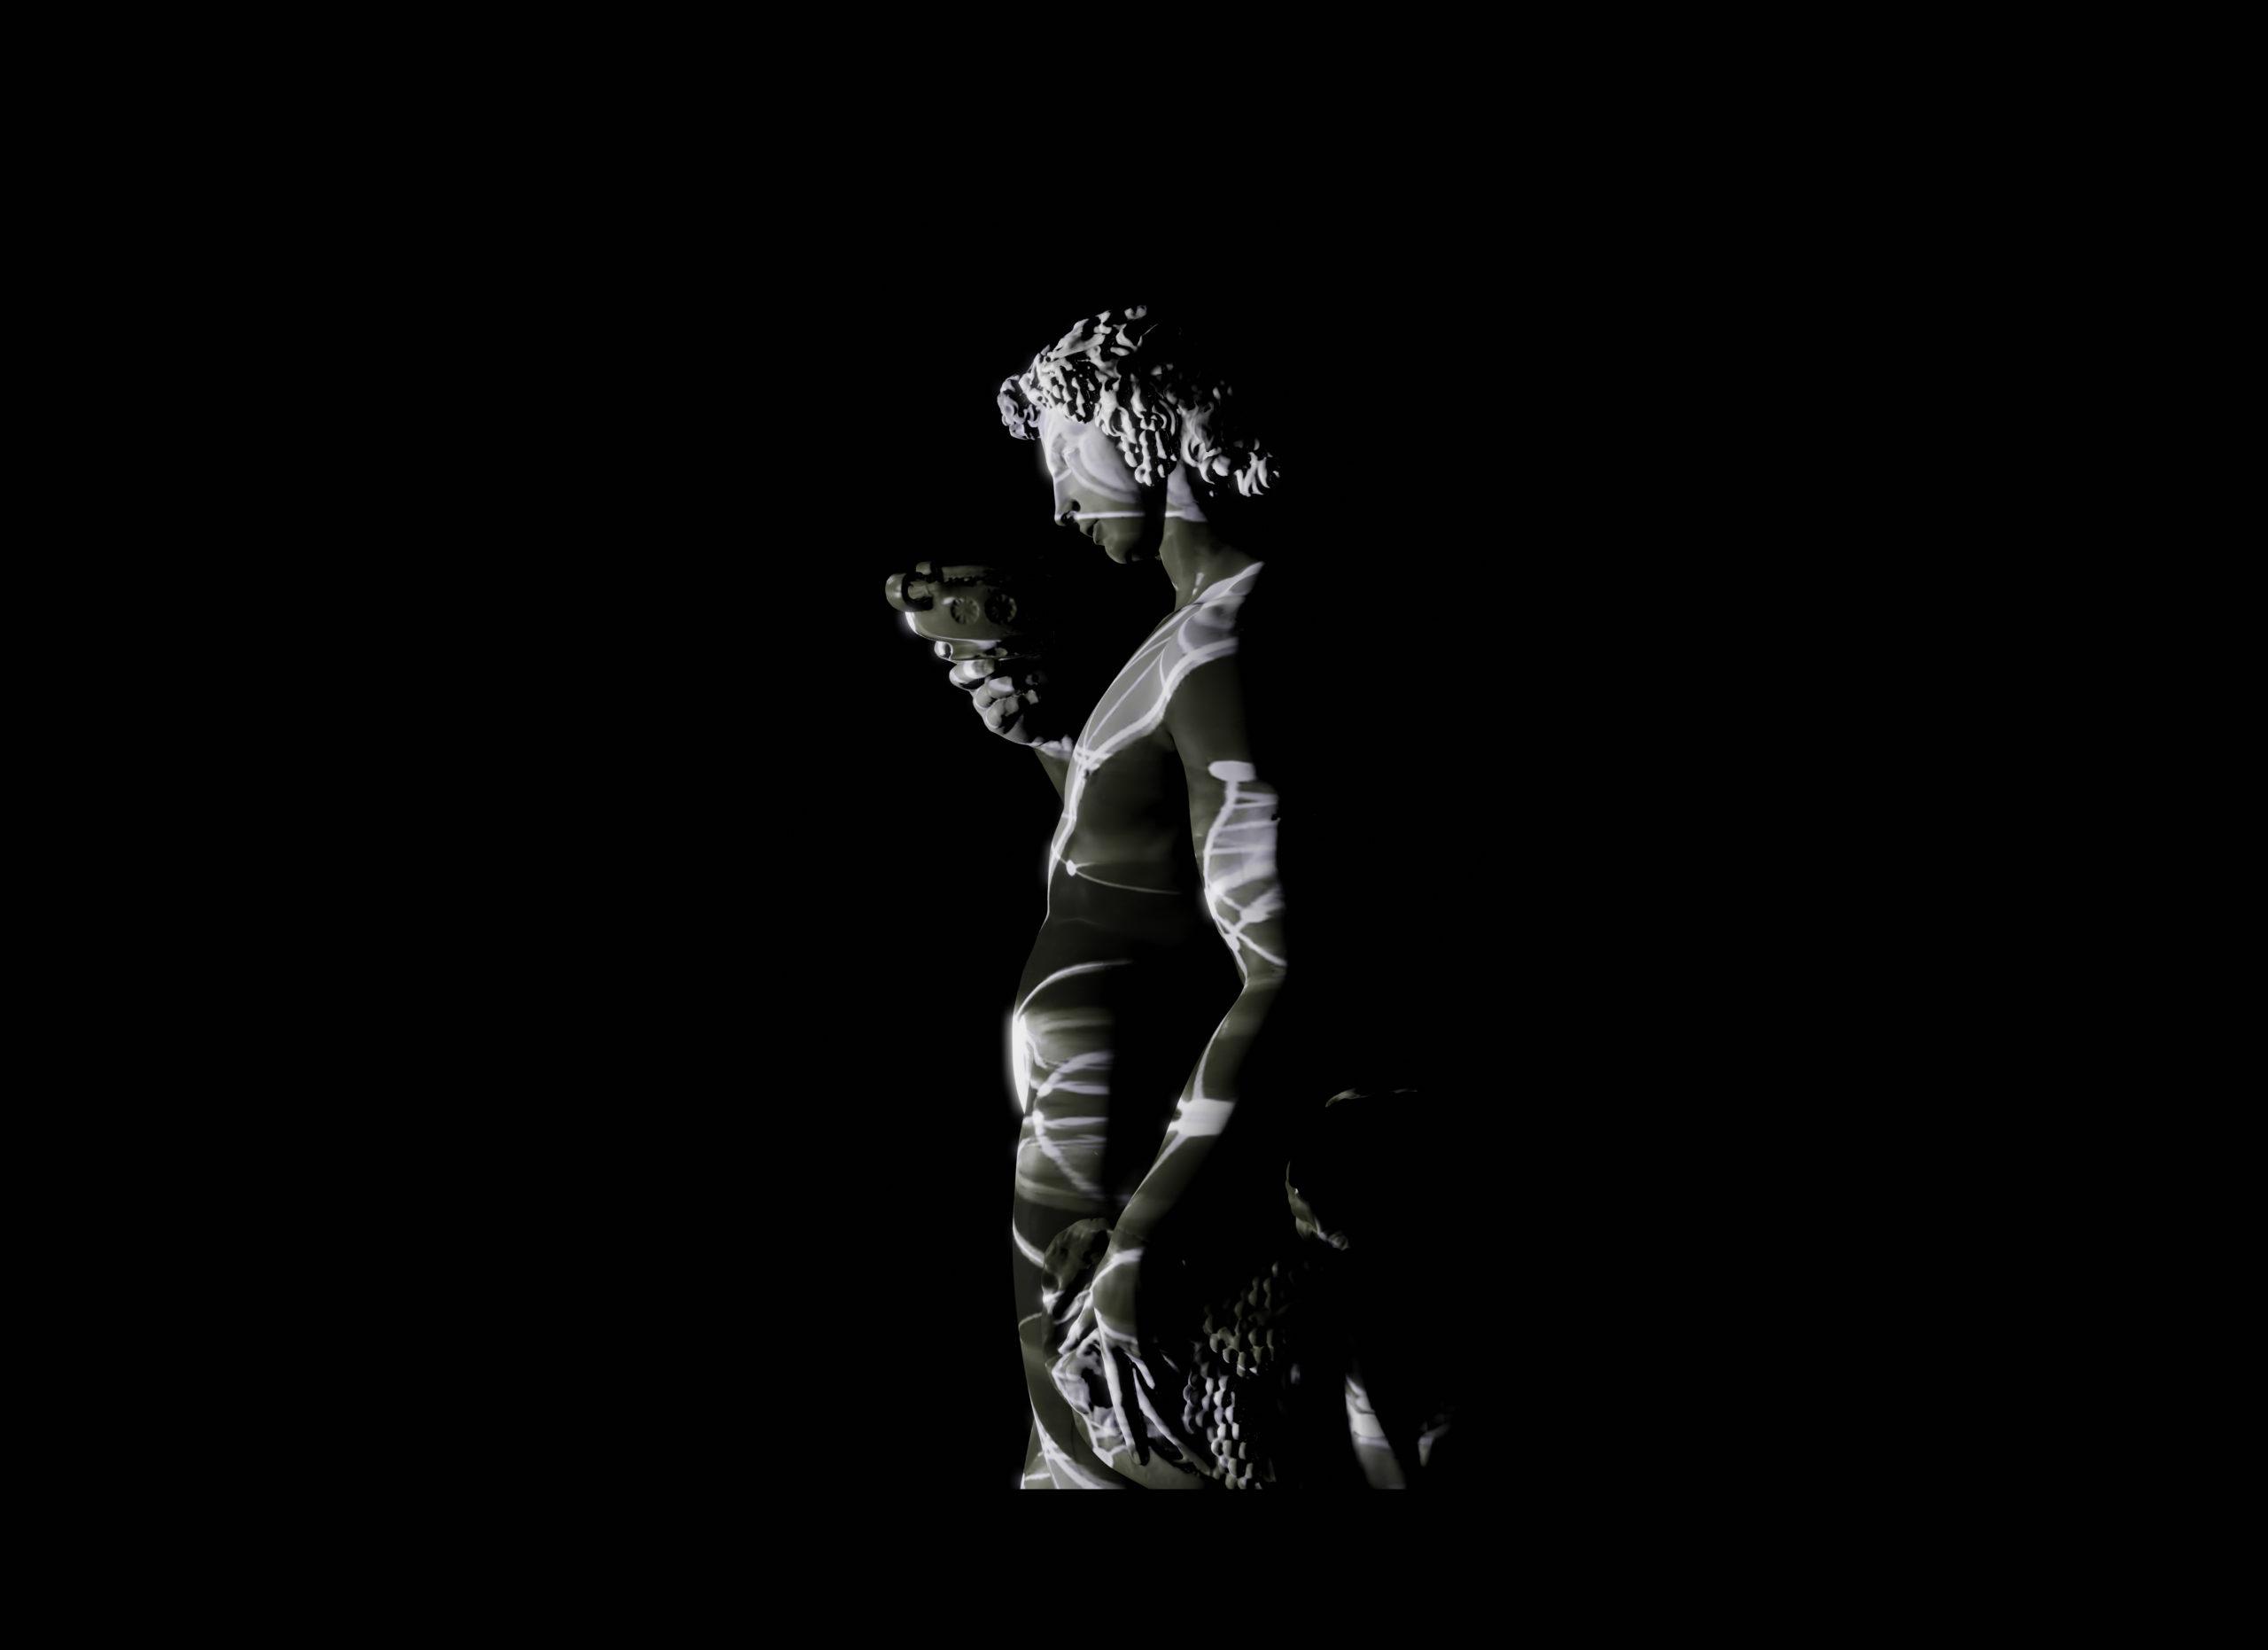 Michelangelo protagonista di una videoinstallazione immersiva a Pietrasanta